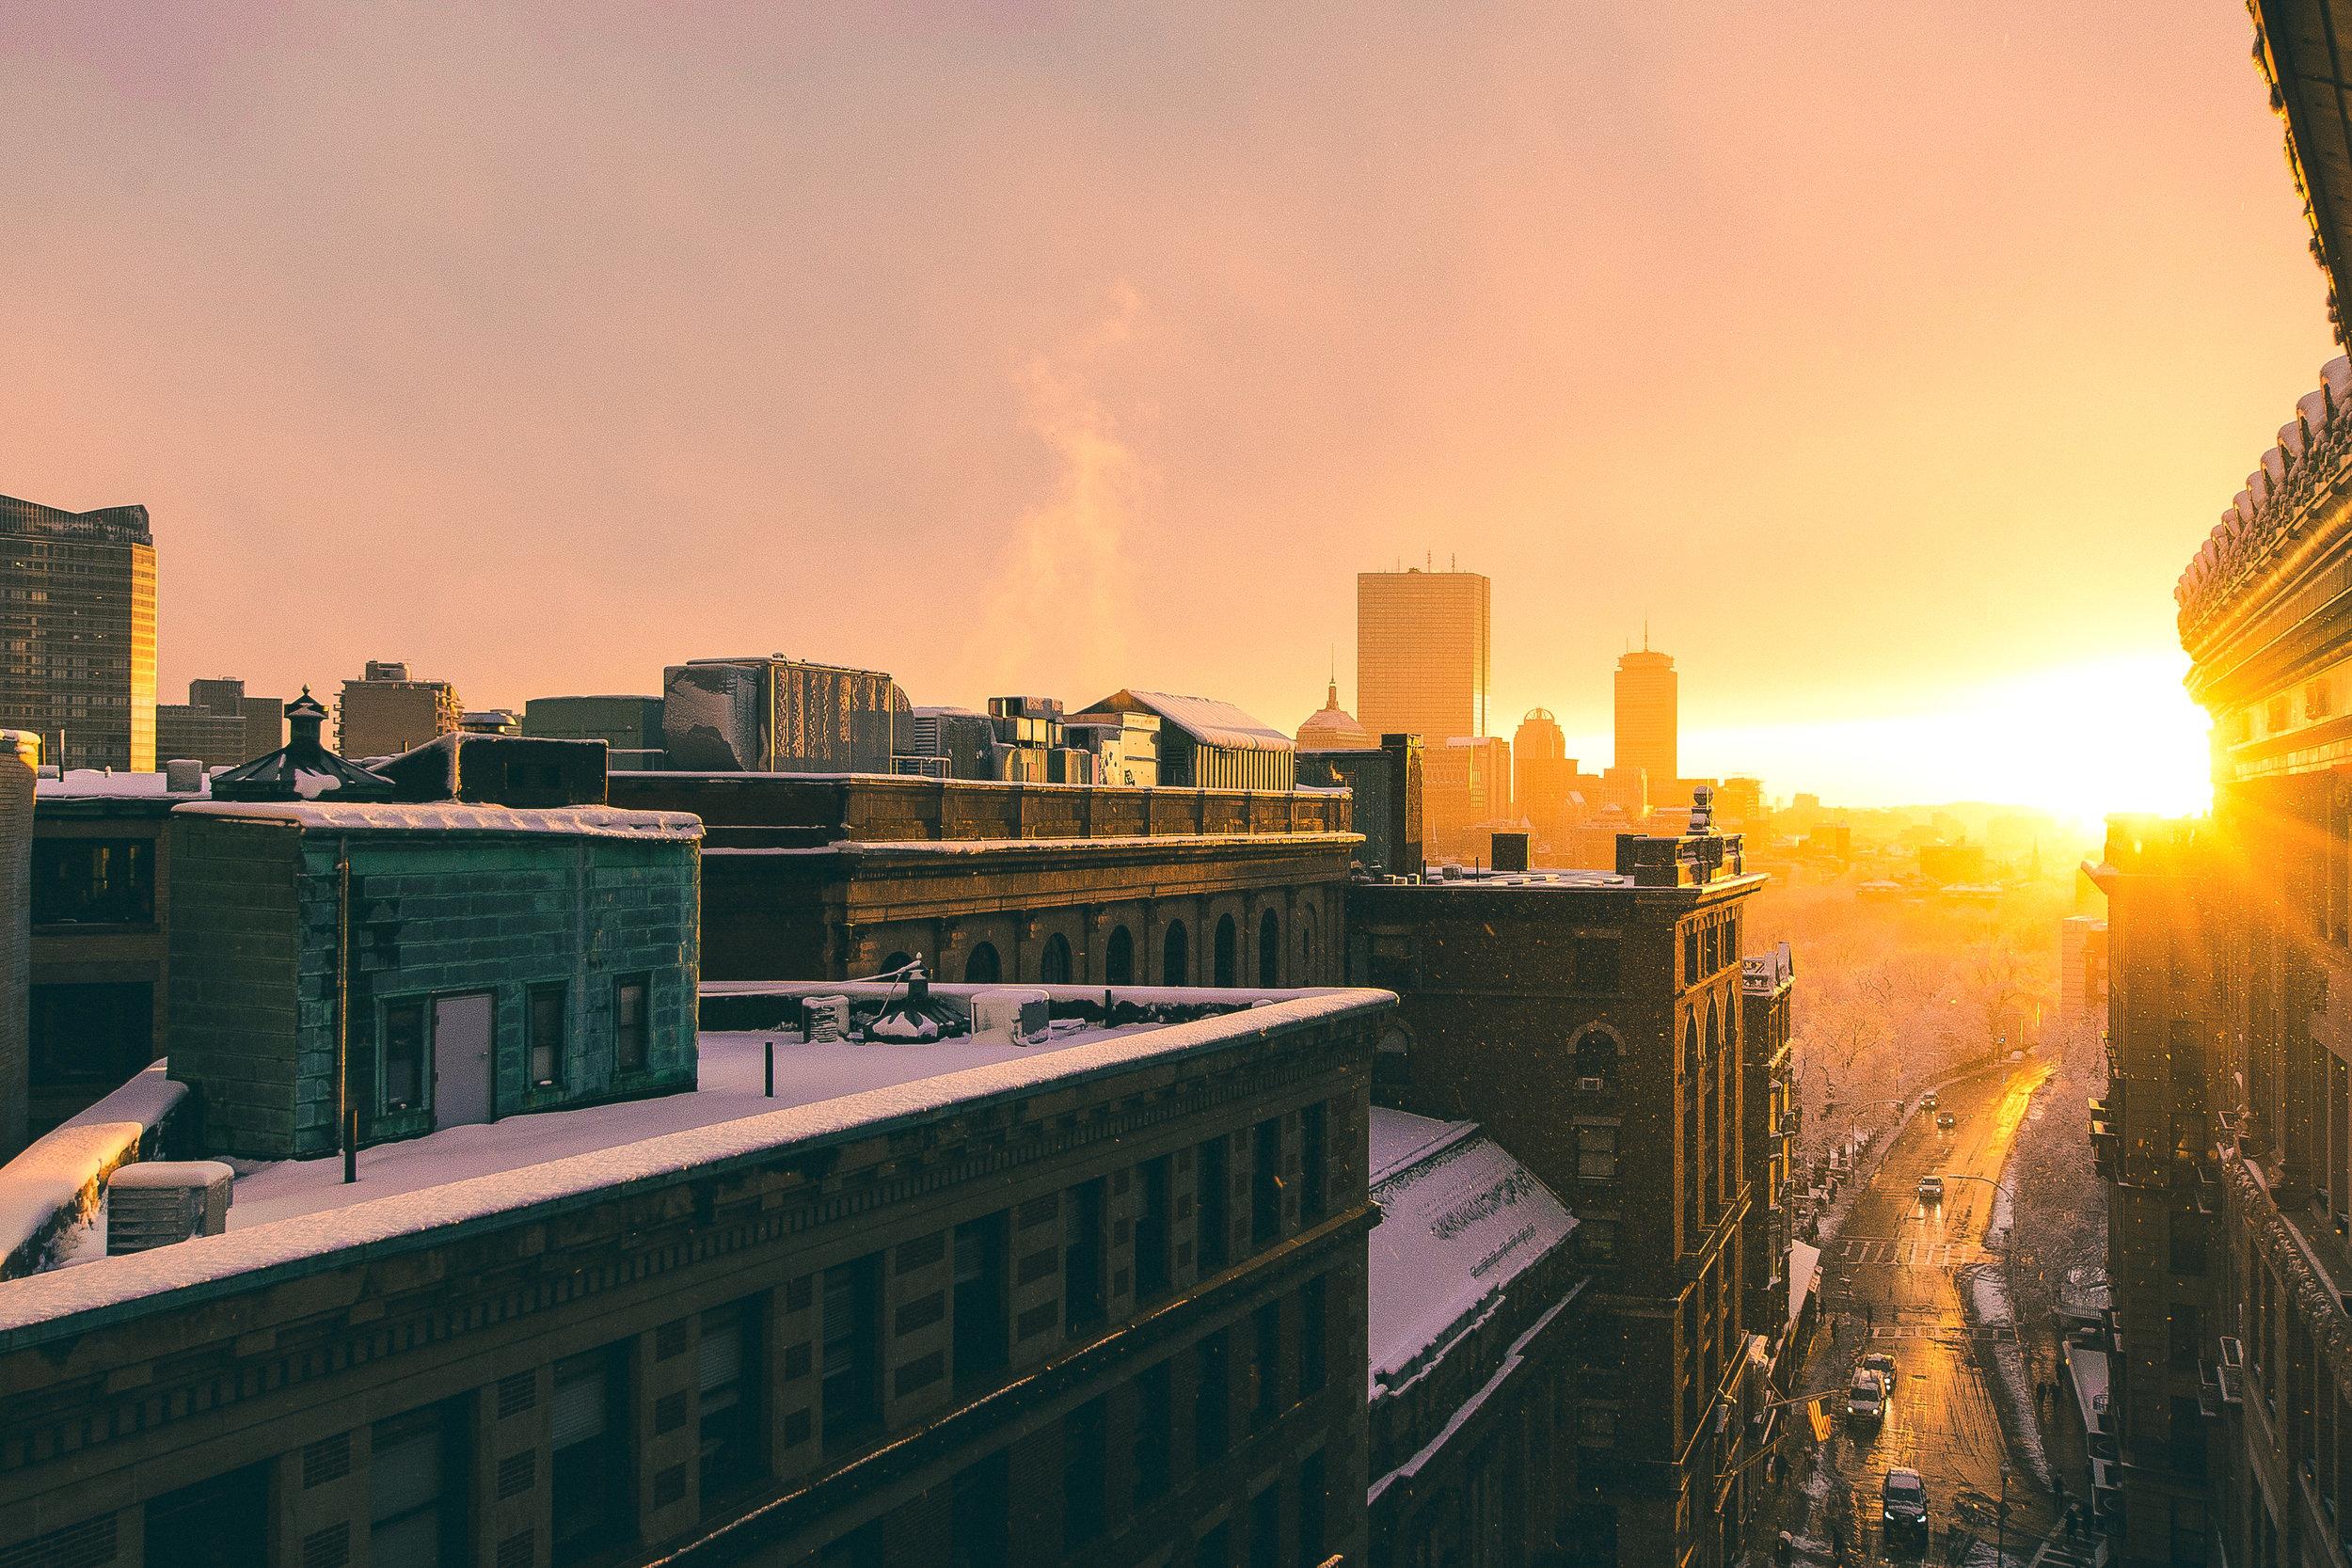 Live-blogging Boston